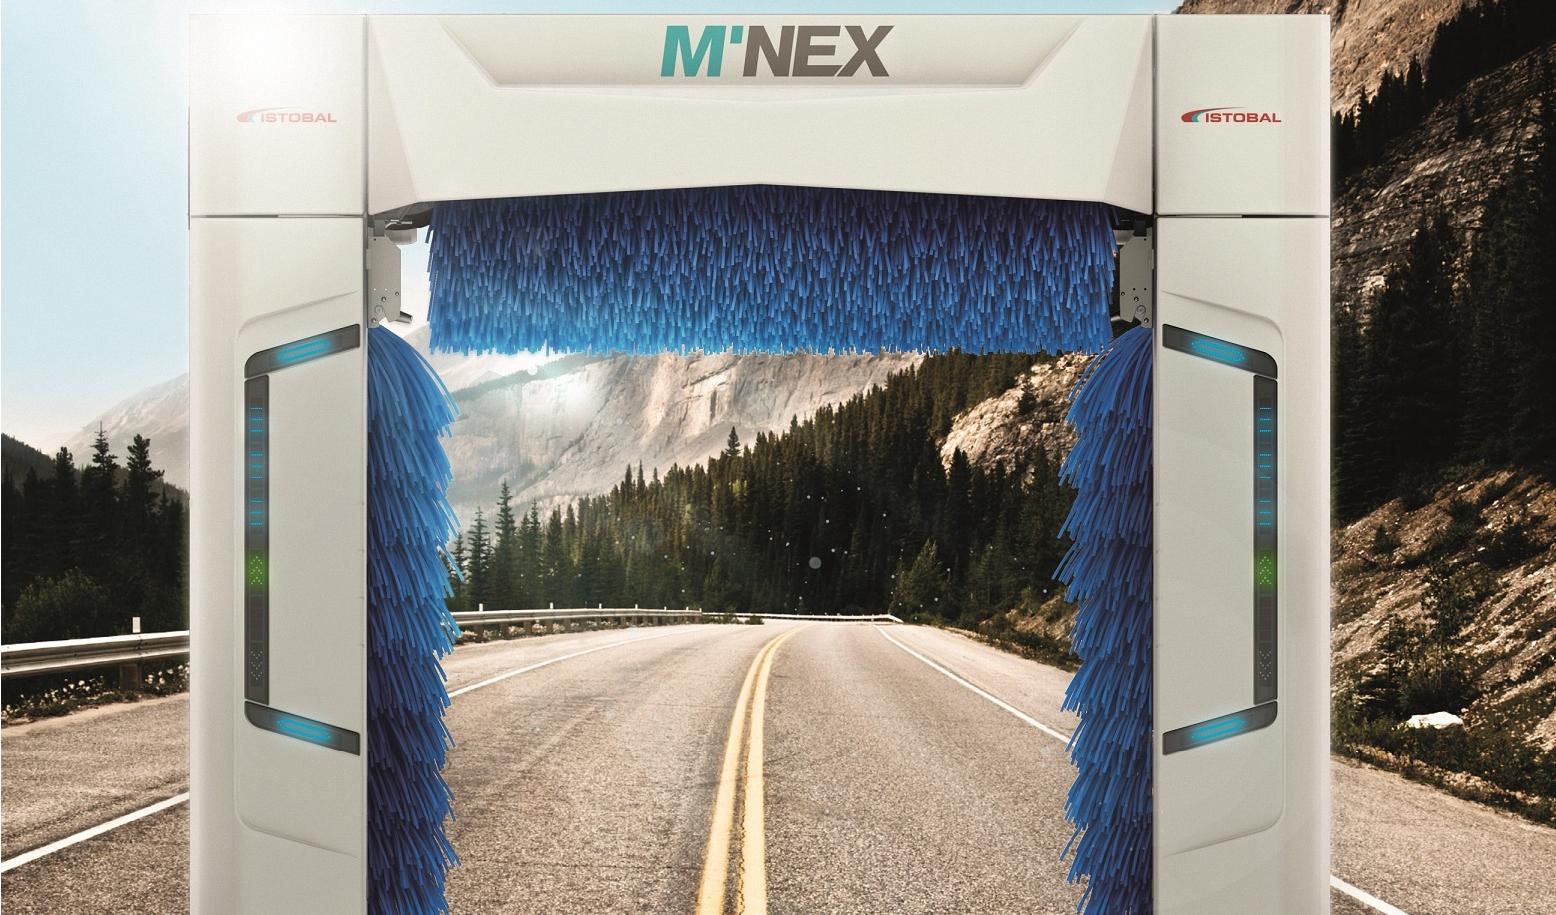 Portalwaschanlage - M'NEX 22